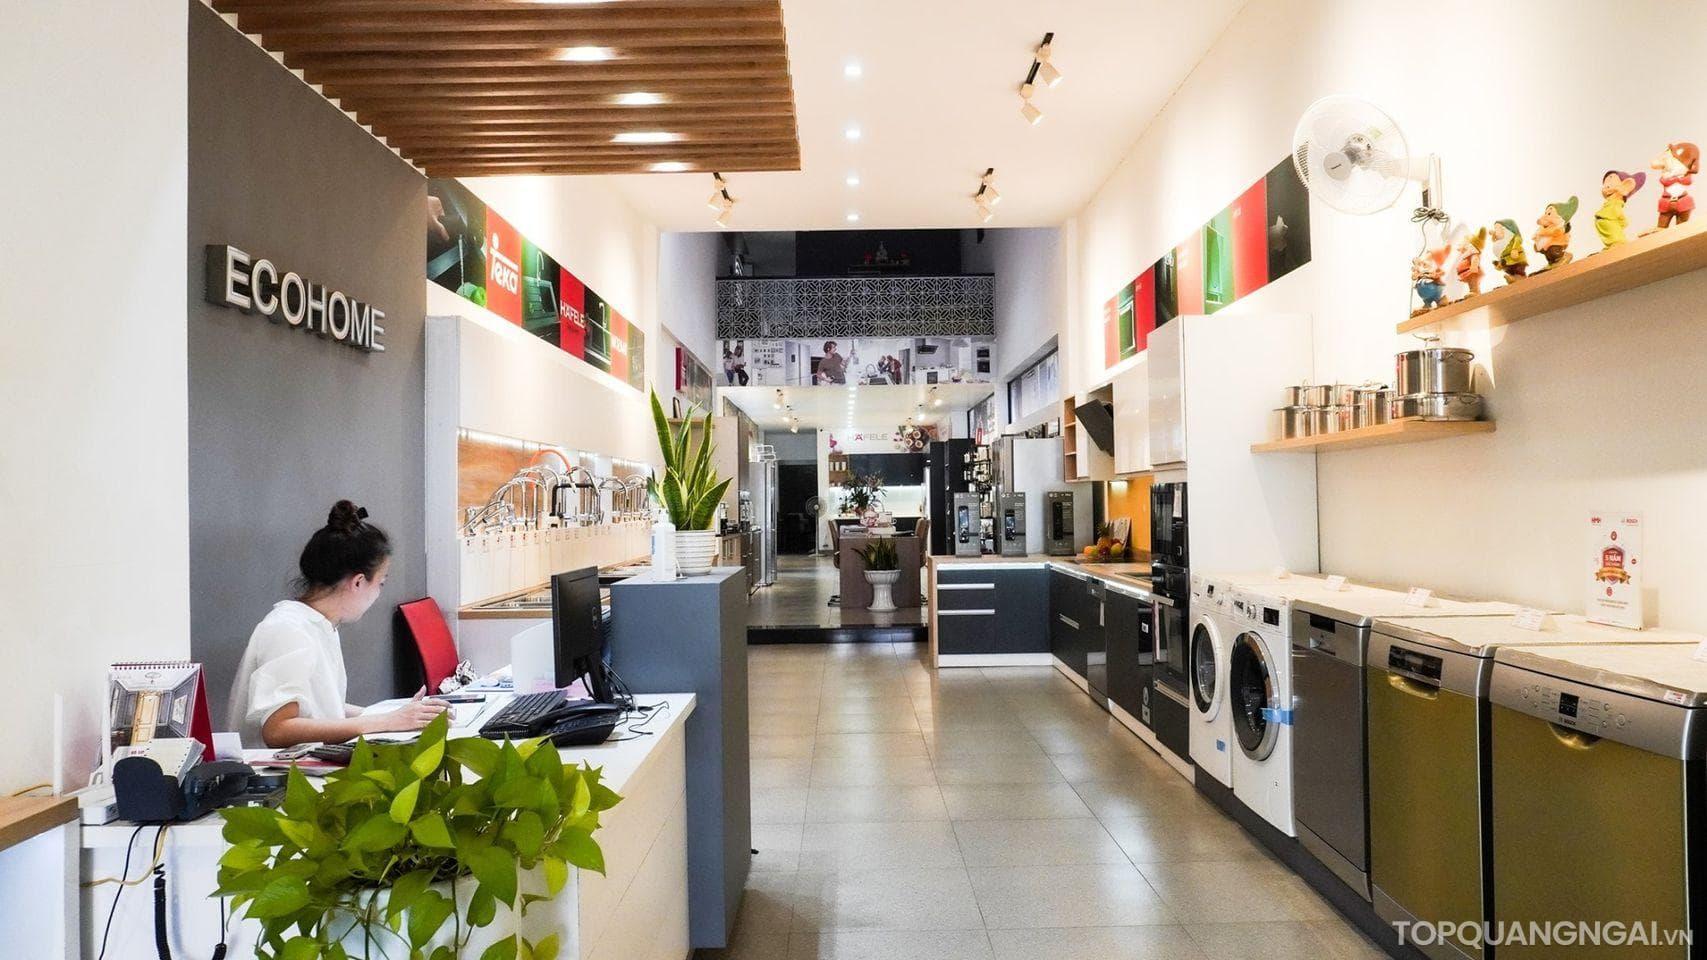 cửa hàng thiết bị nhà bếp ở Quảng Ngãi